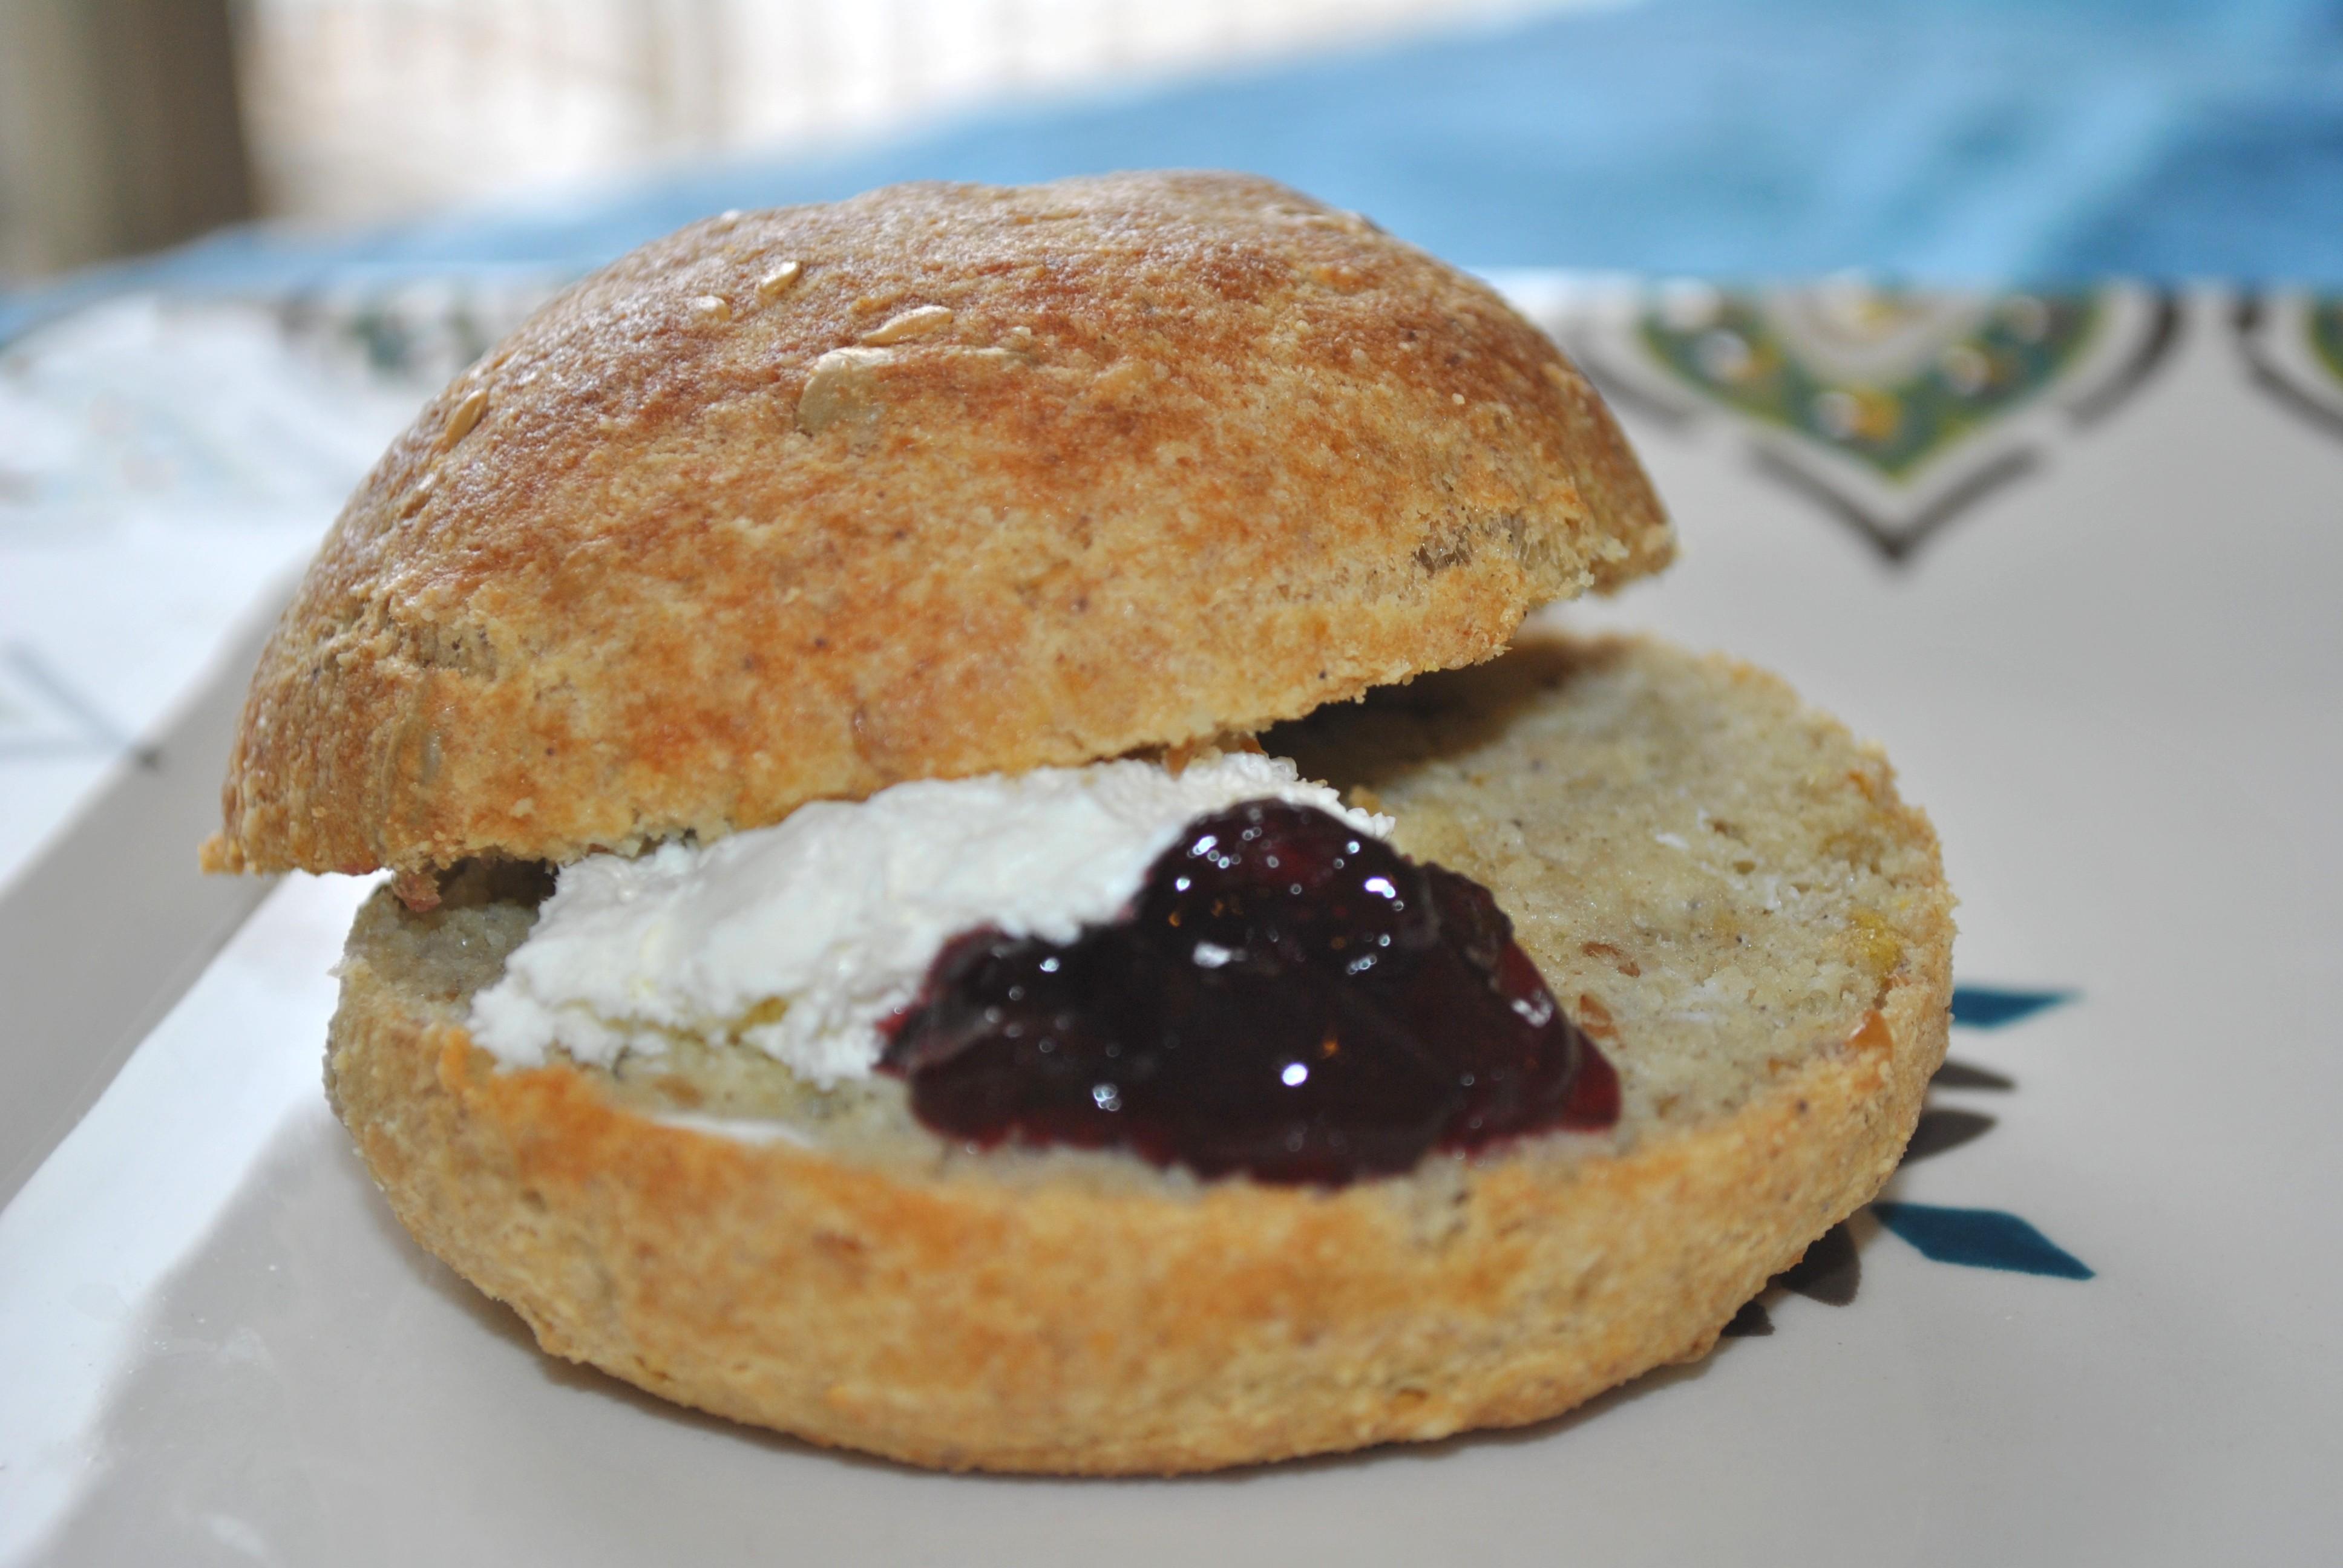 Lchf bröd frukostbullar nyttiga fiberbröd